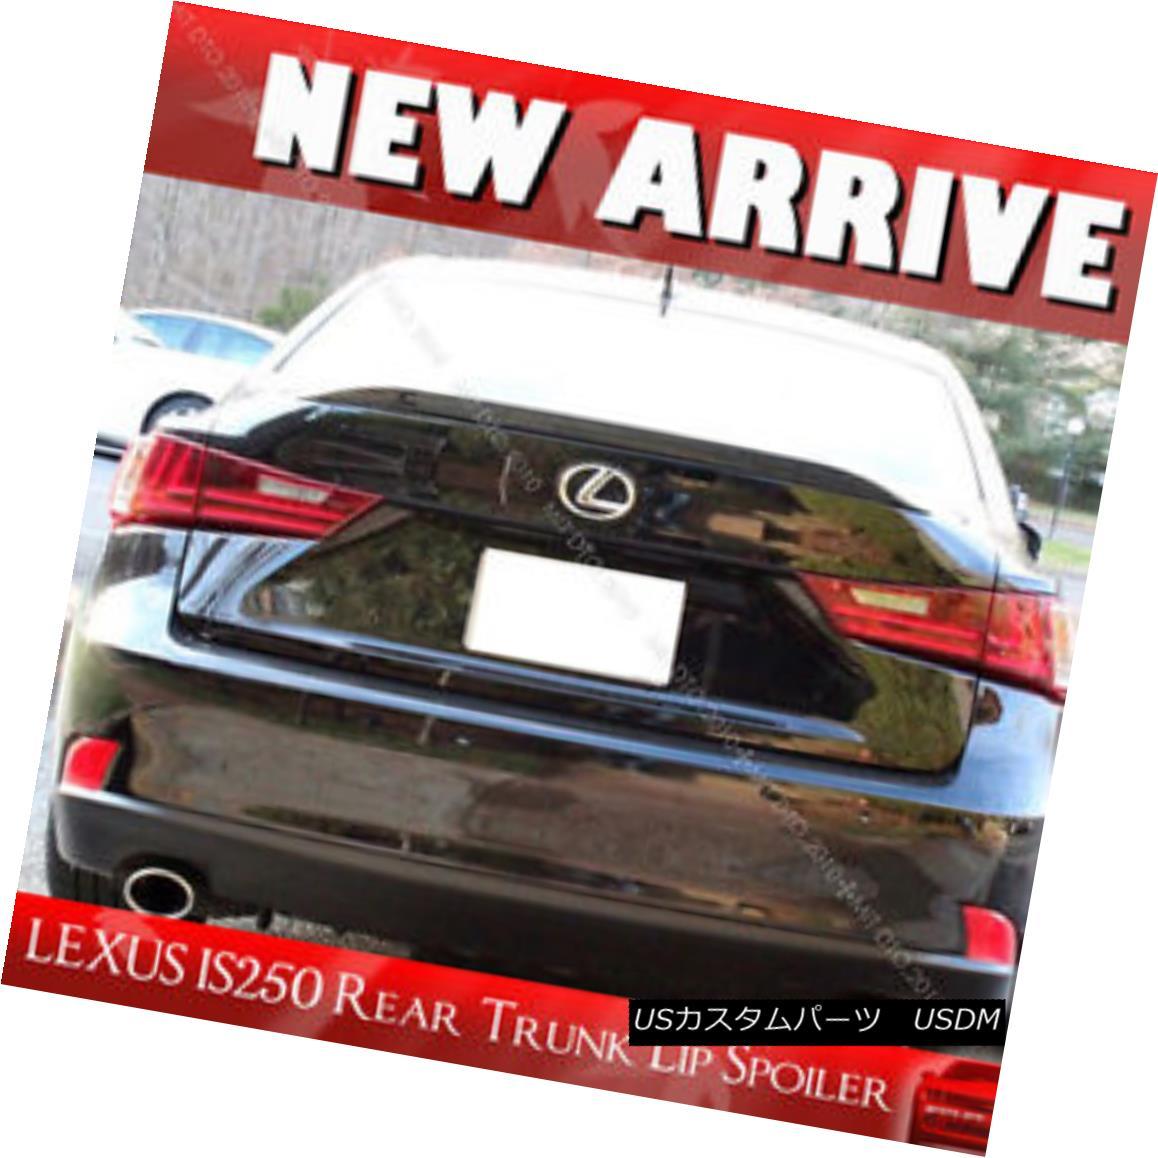 エアロパーツ Painted for Lexus IS250 IS350 IS F Window Rear Trunk Lip Spoiler #202 BLACK § レクサスIS250 IS350 IS Fウインドリアトランクリップスポイラー#202 BLACK Pain